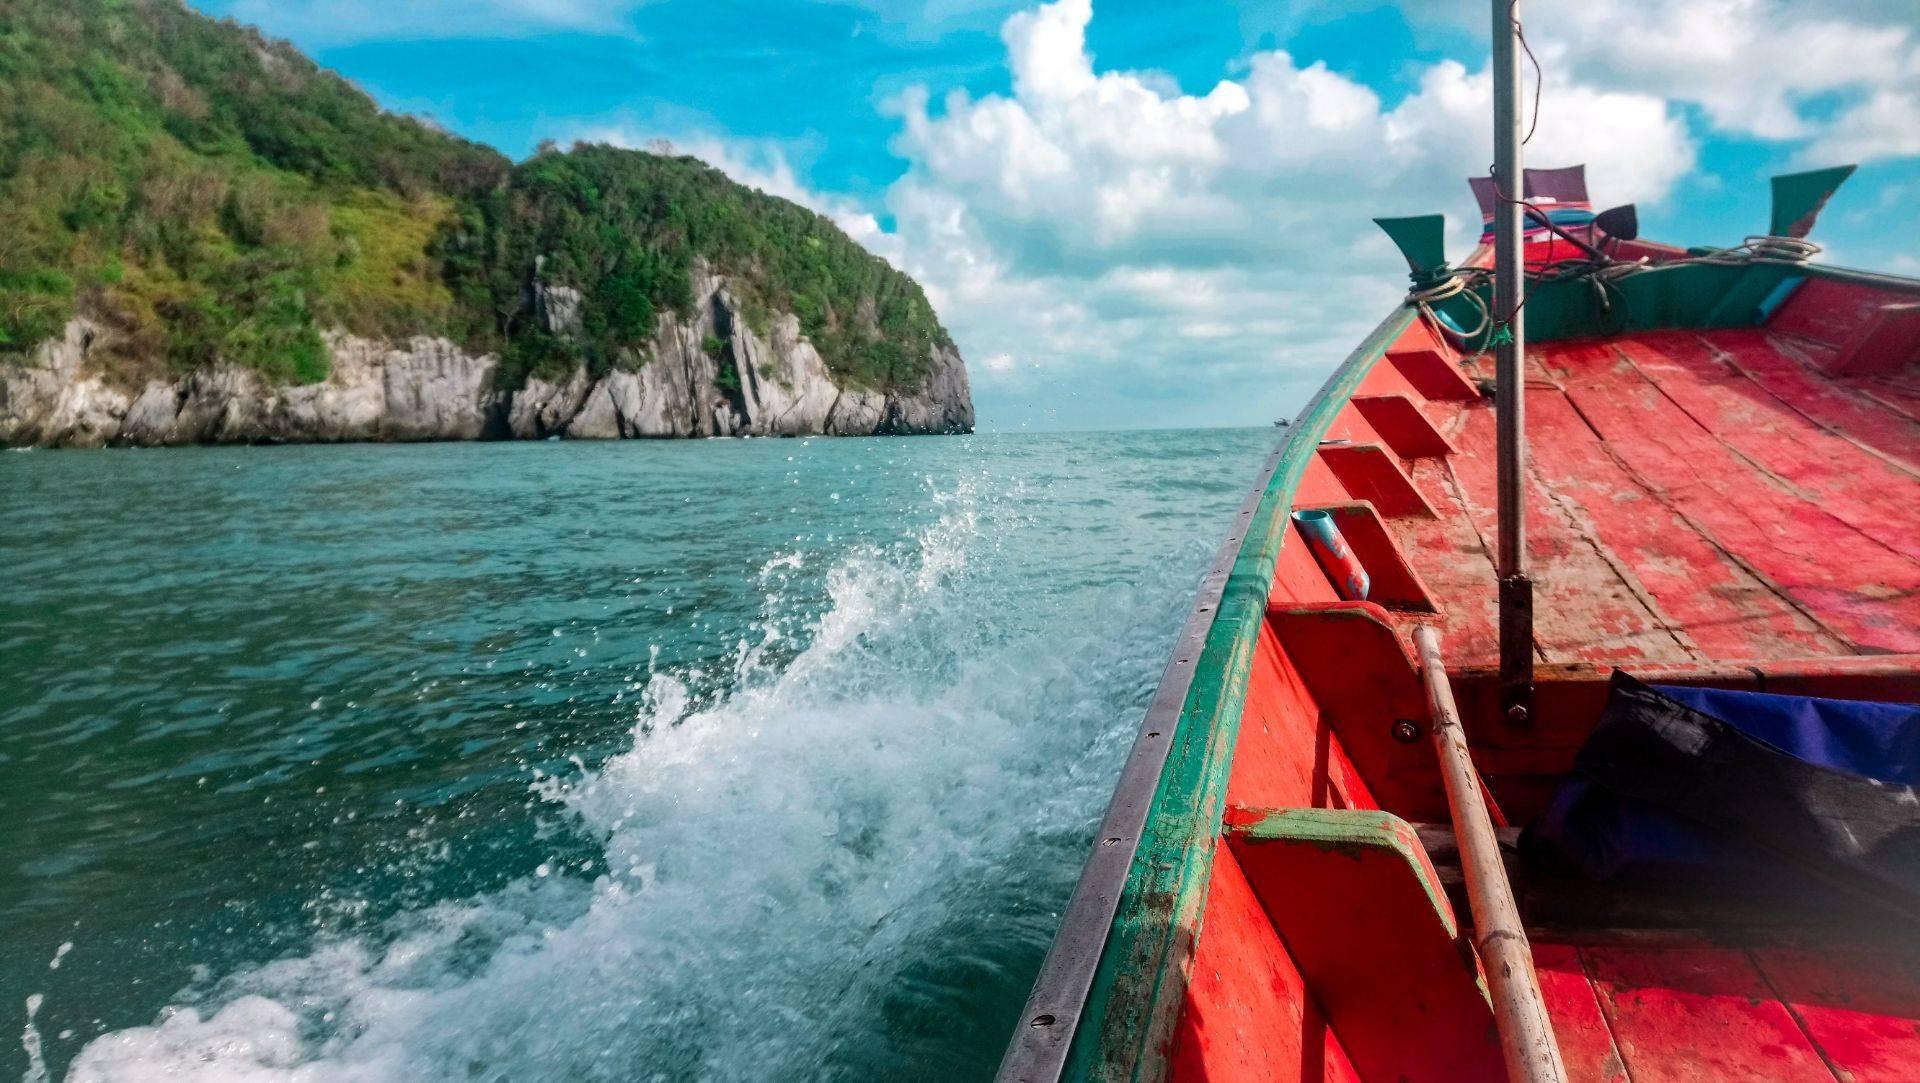 นั่งเรือไปชมโลมา